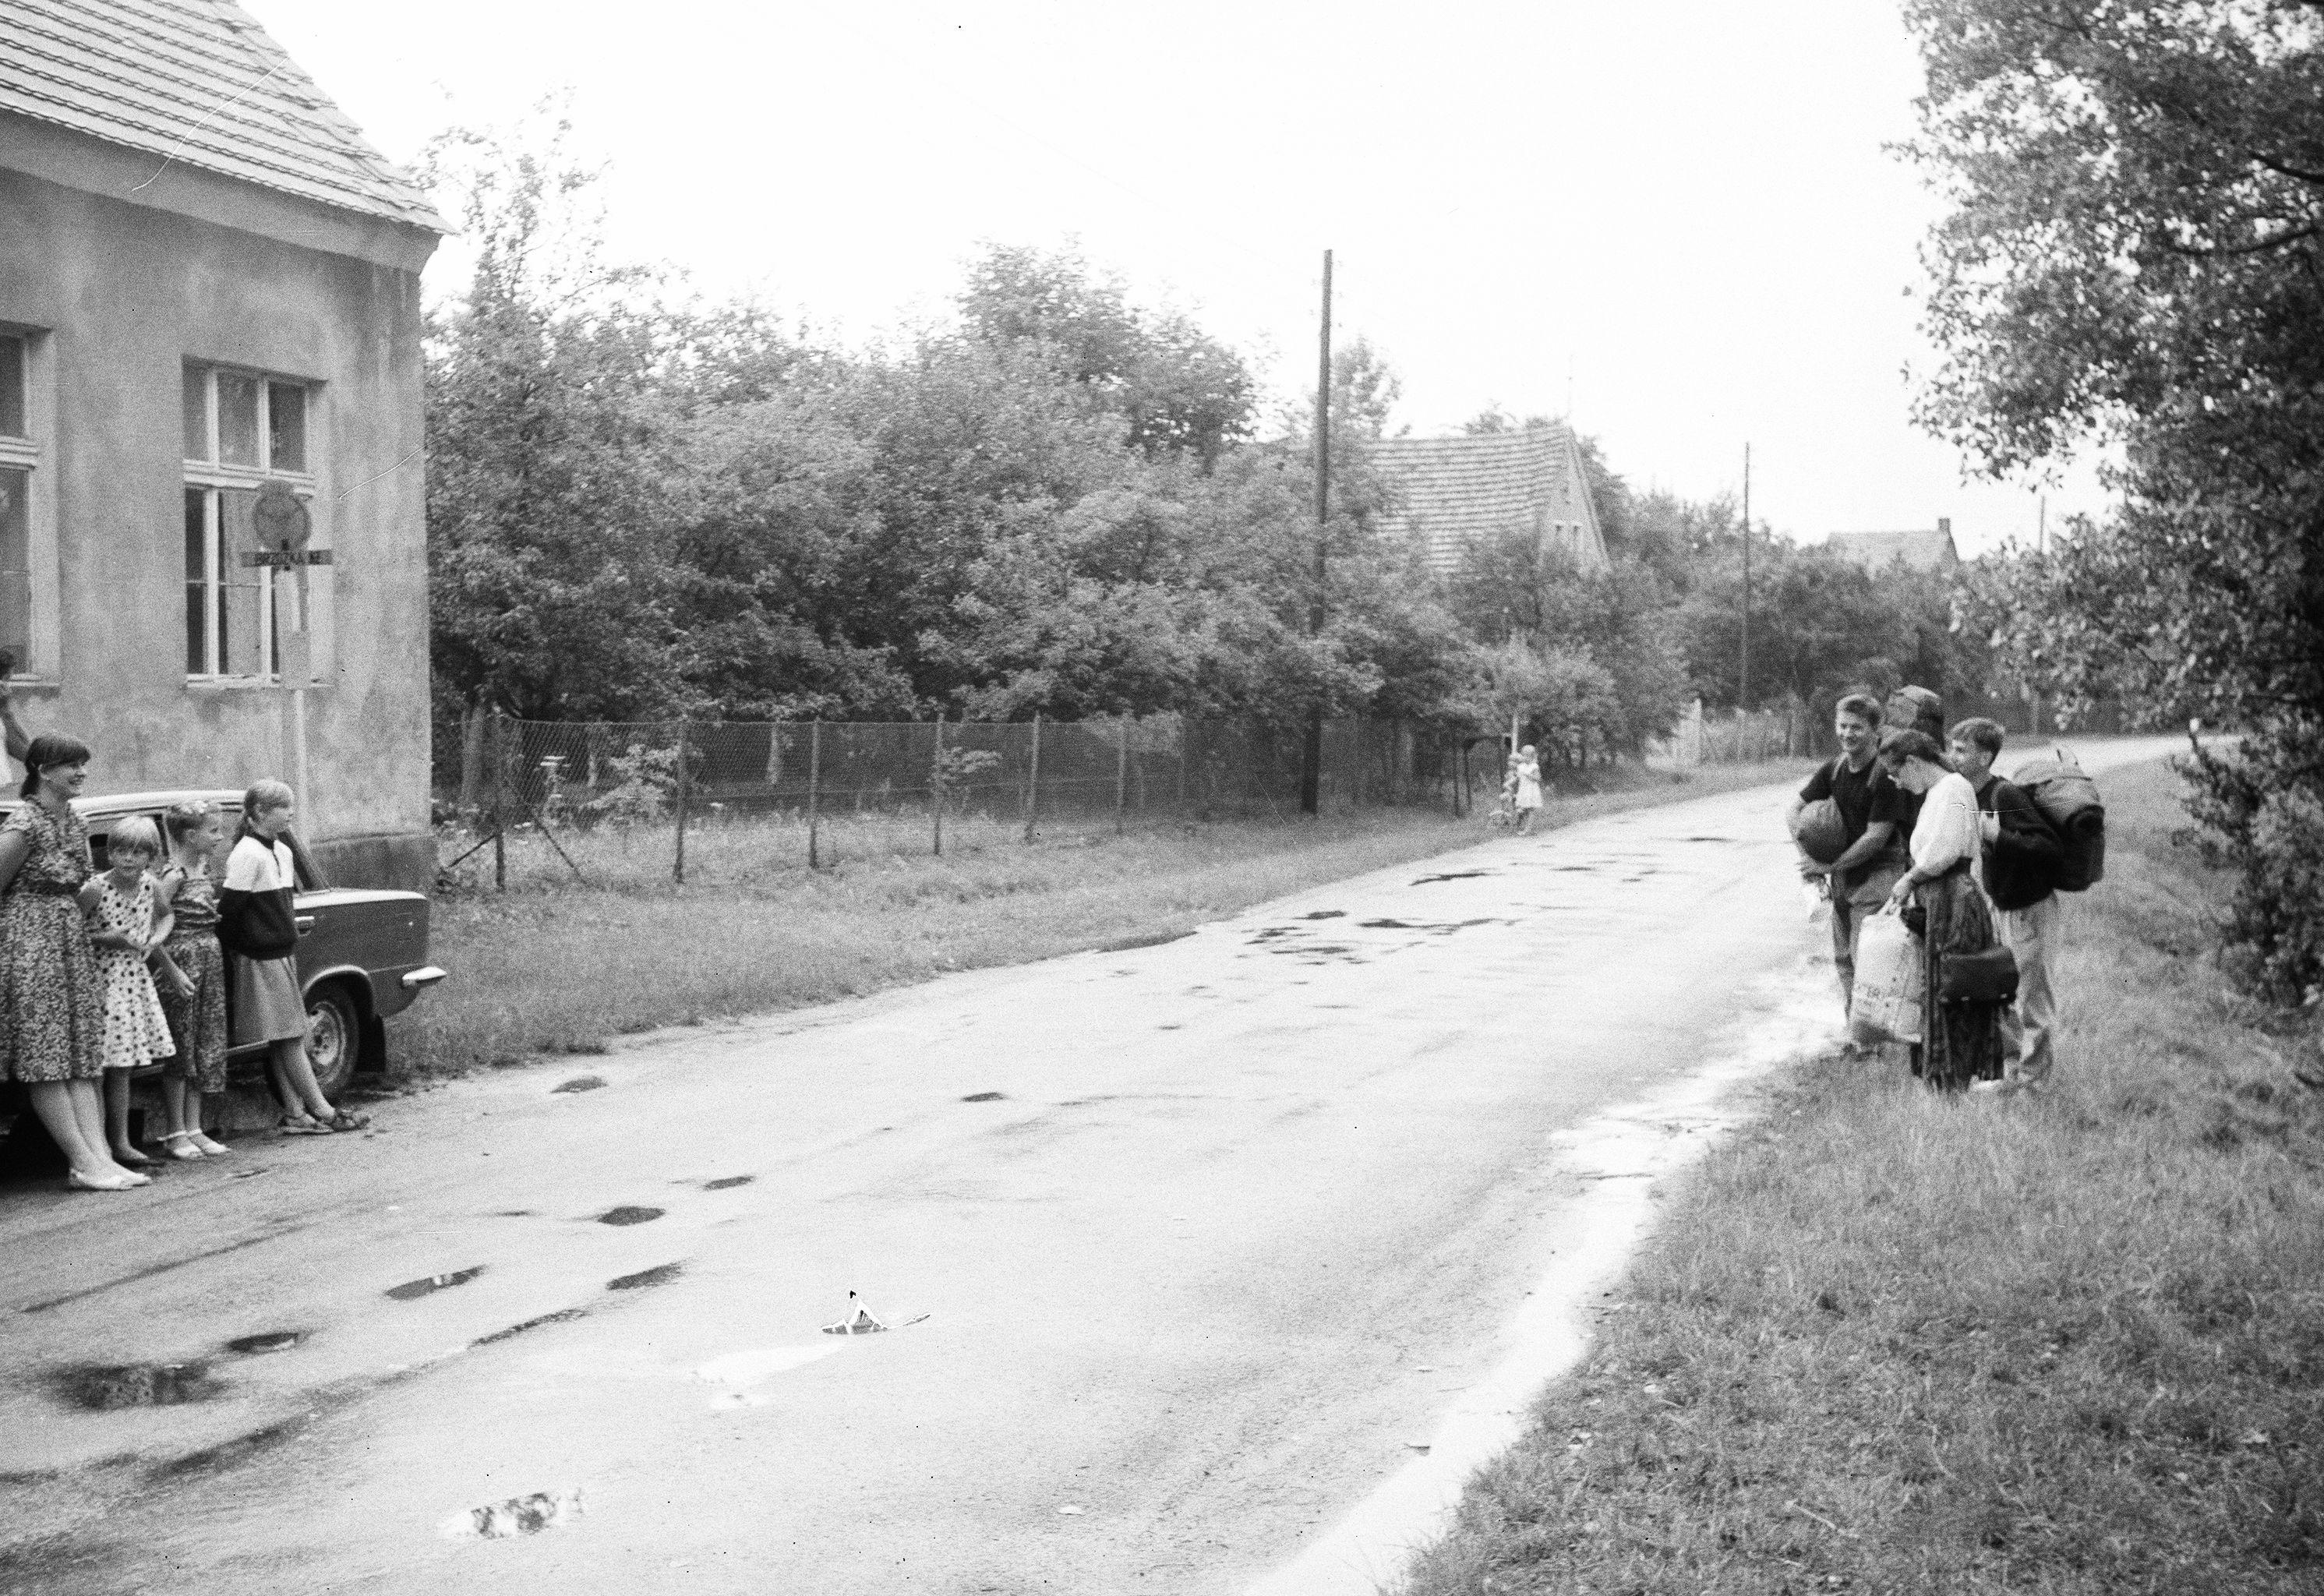 Przygotowania do pielgrzymki do Częstochowy, Brzózka, Dolny Śląsk, lata 50. XX w.